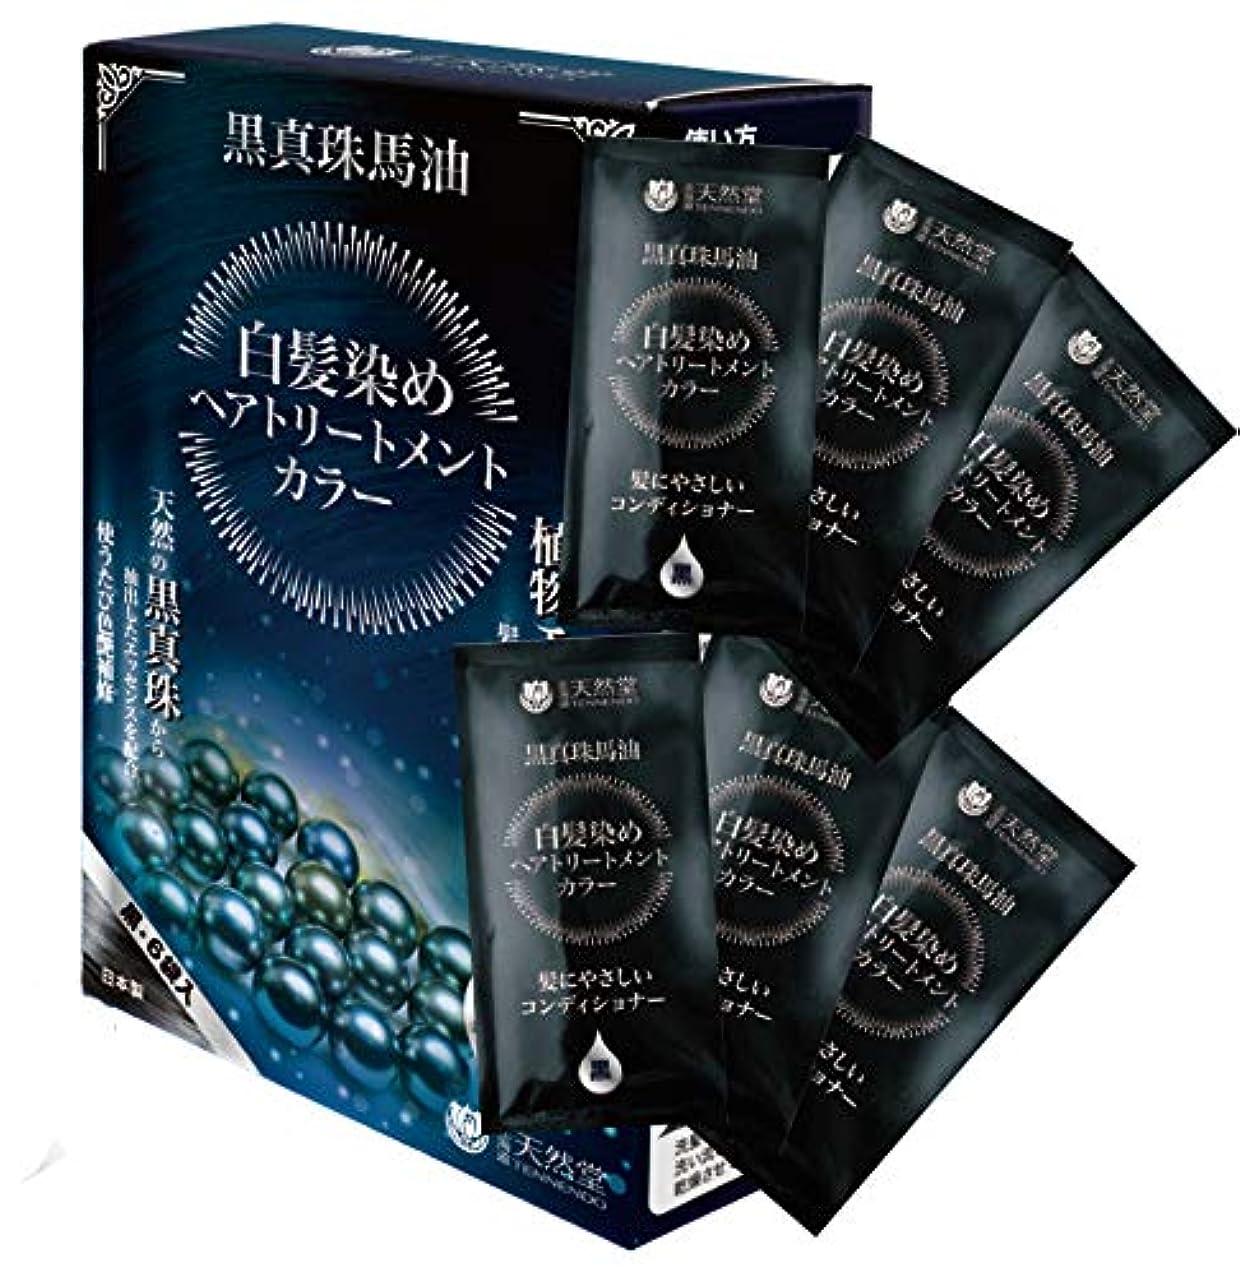 コメントエイリアンミンチ黒真珠馬油 白髪染め へアトリートメントカラー (黒) 20g×6 / 北海道天然堂